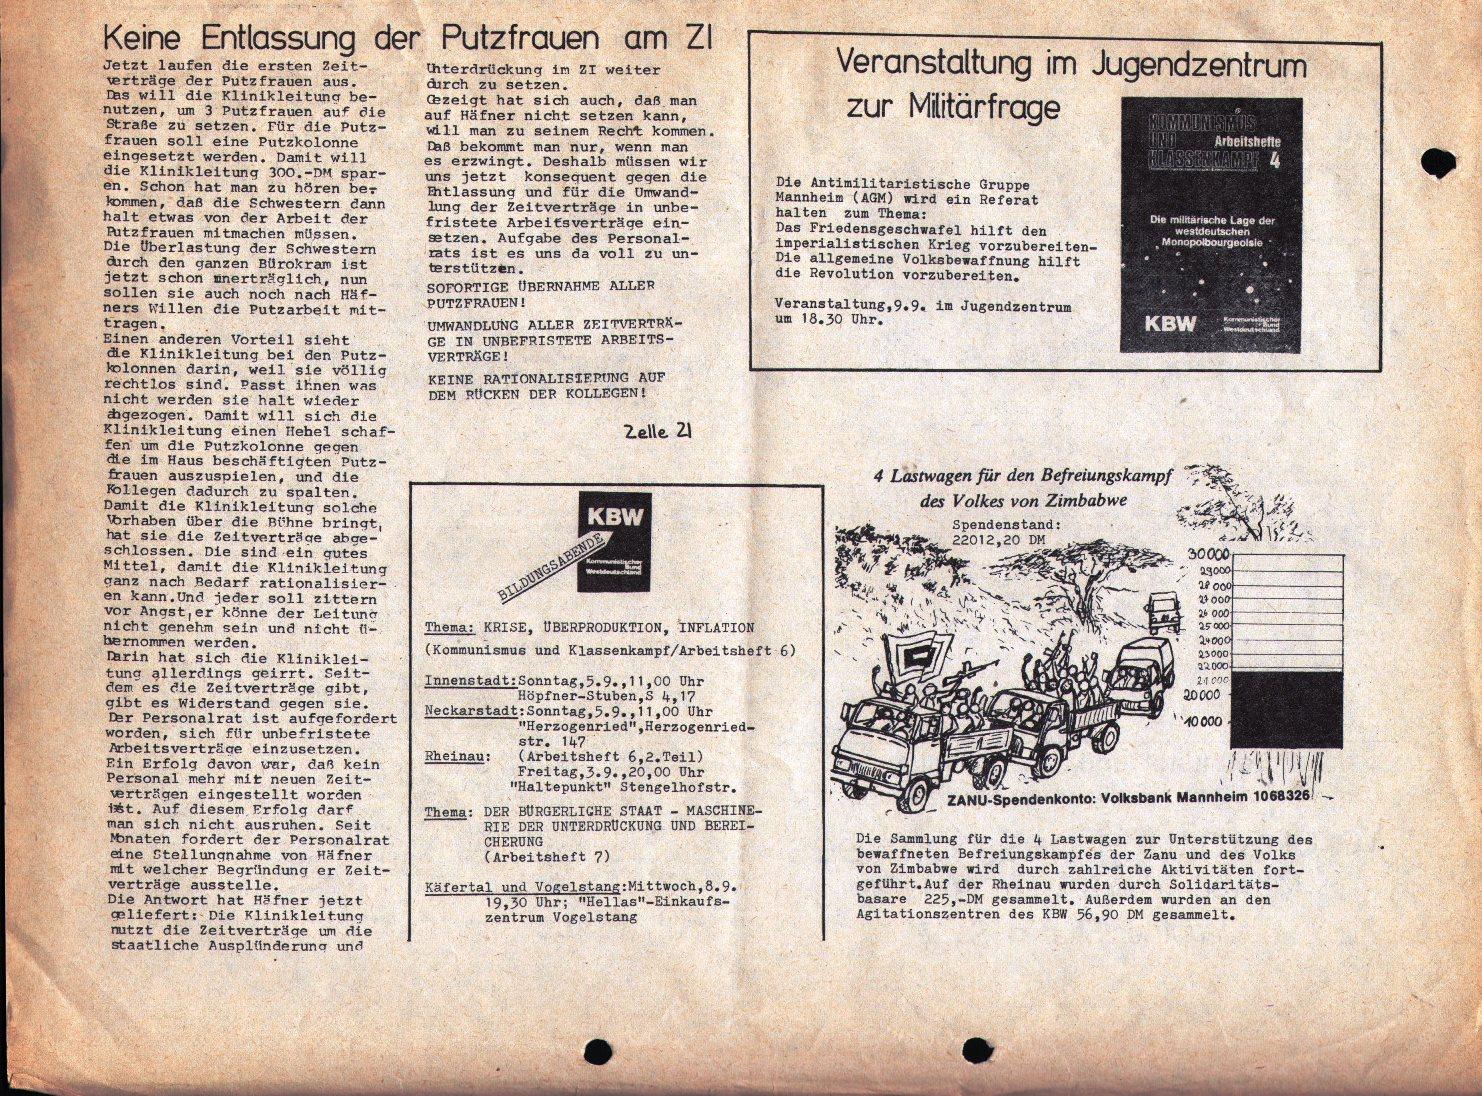 Mannheim_KBW817